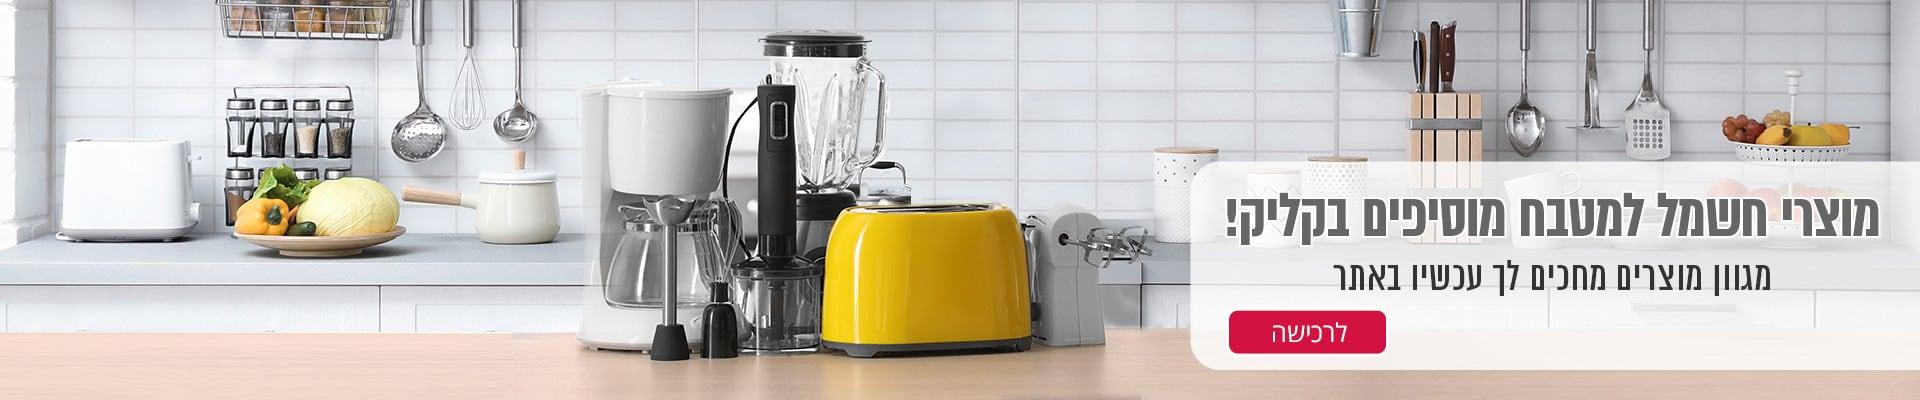 מגוון מוצרי חשמל למטבח מחכים לך עכשיו באתר